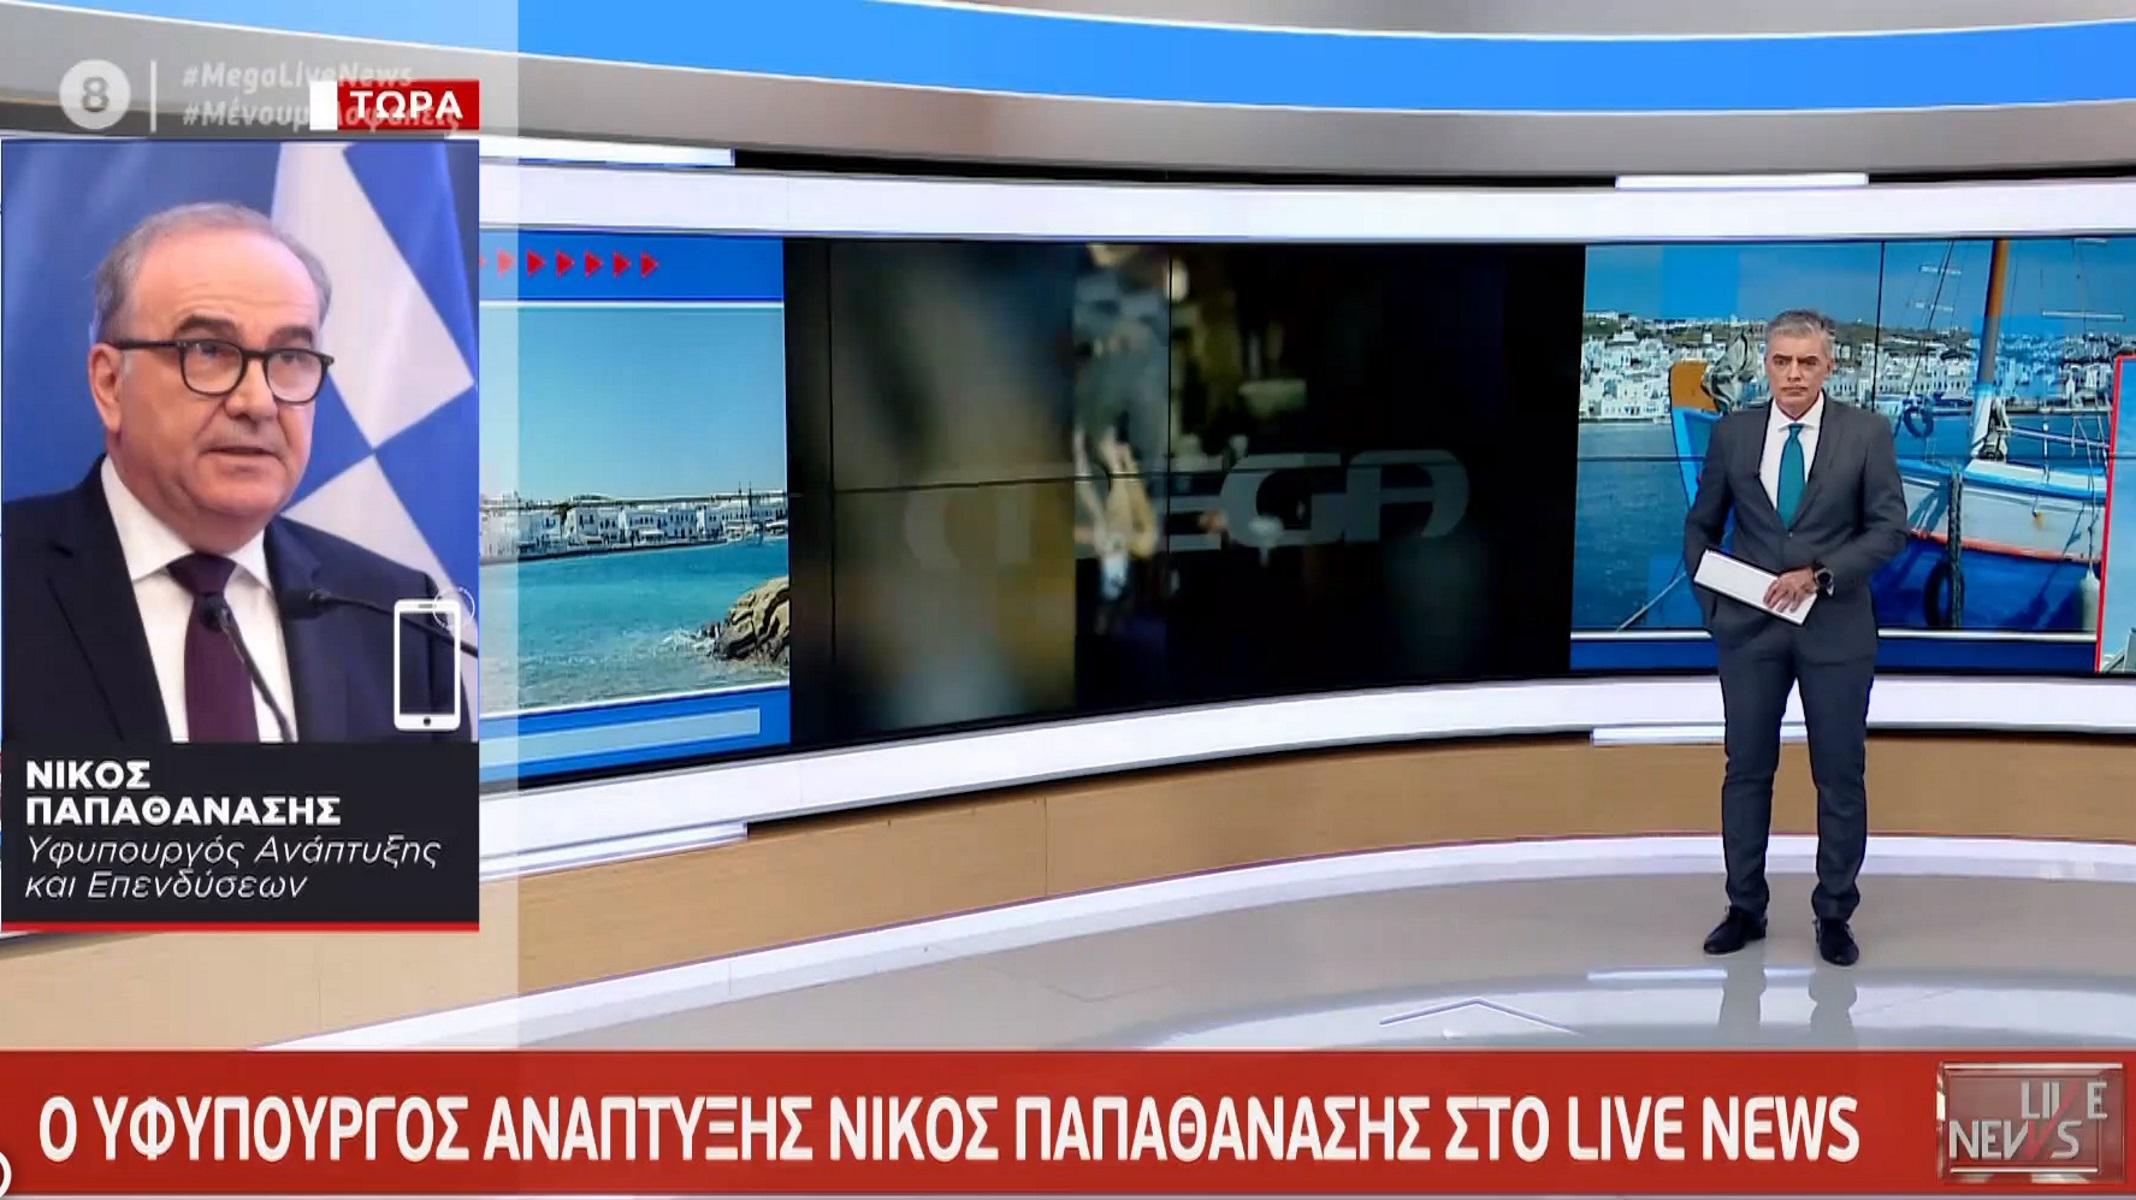 Παπαθανάσης στο Live Νews: Όποιος δεν συμμορφώνεται με τα μέτρα θα κλείνει